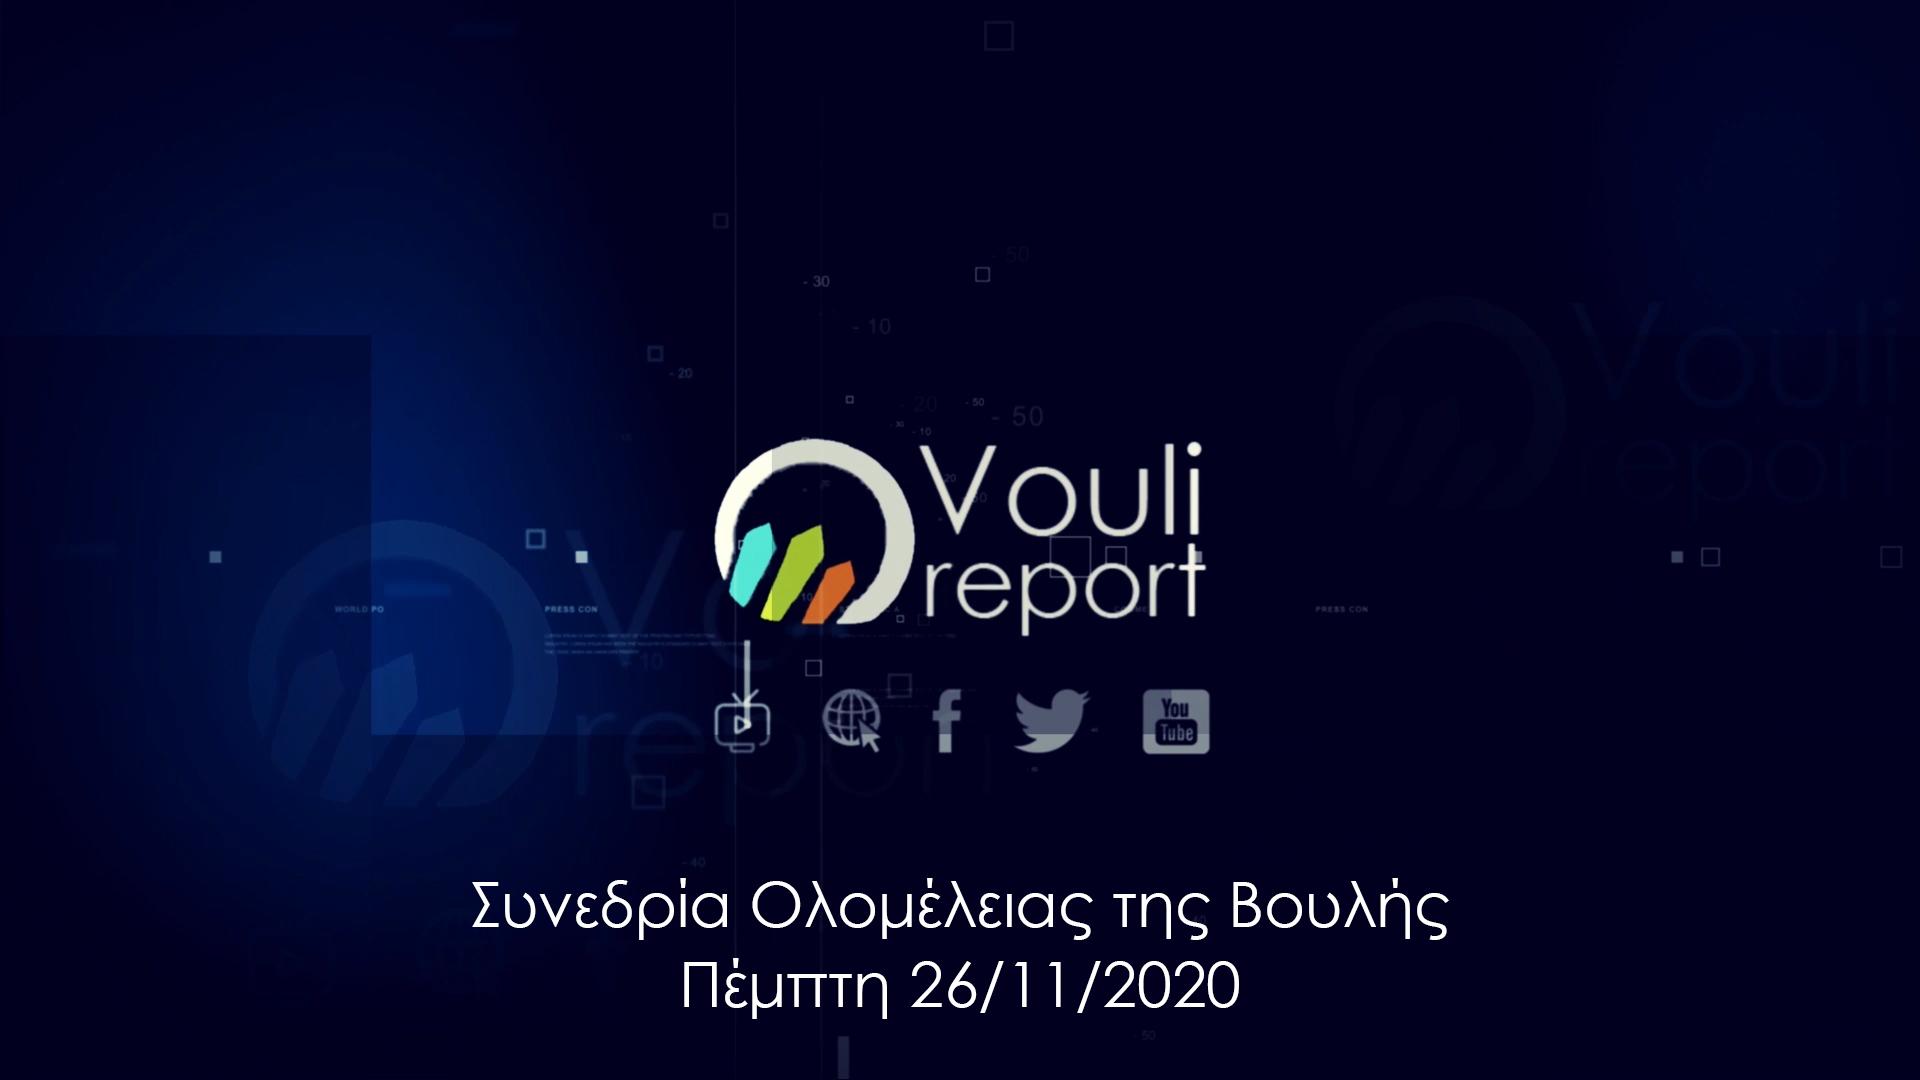 Συνεδρία Ολομέλειας της Βουλής | Πέμπτη 26/11/2020